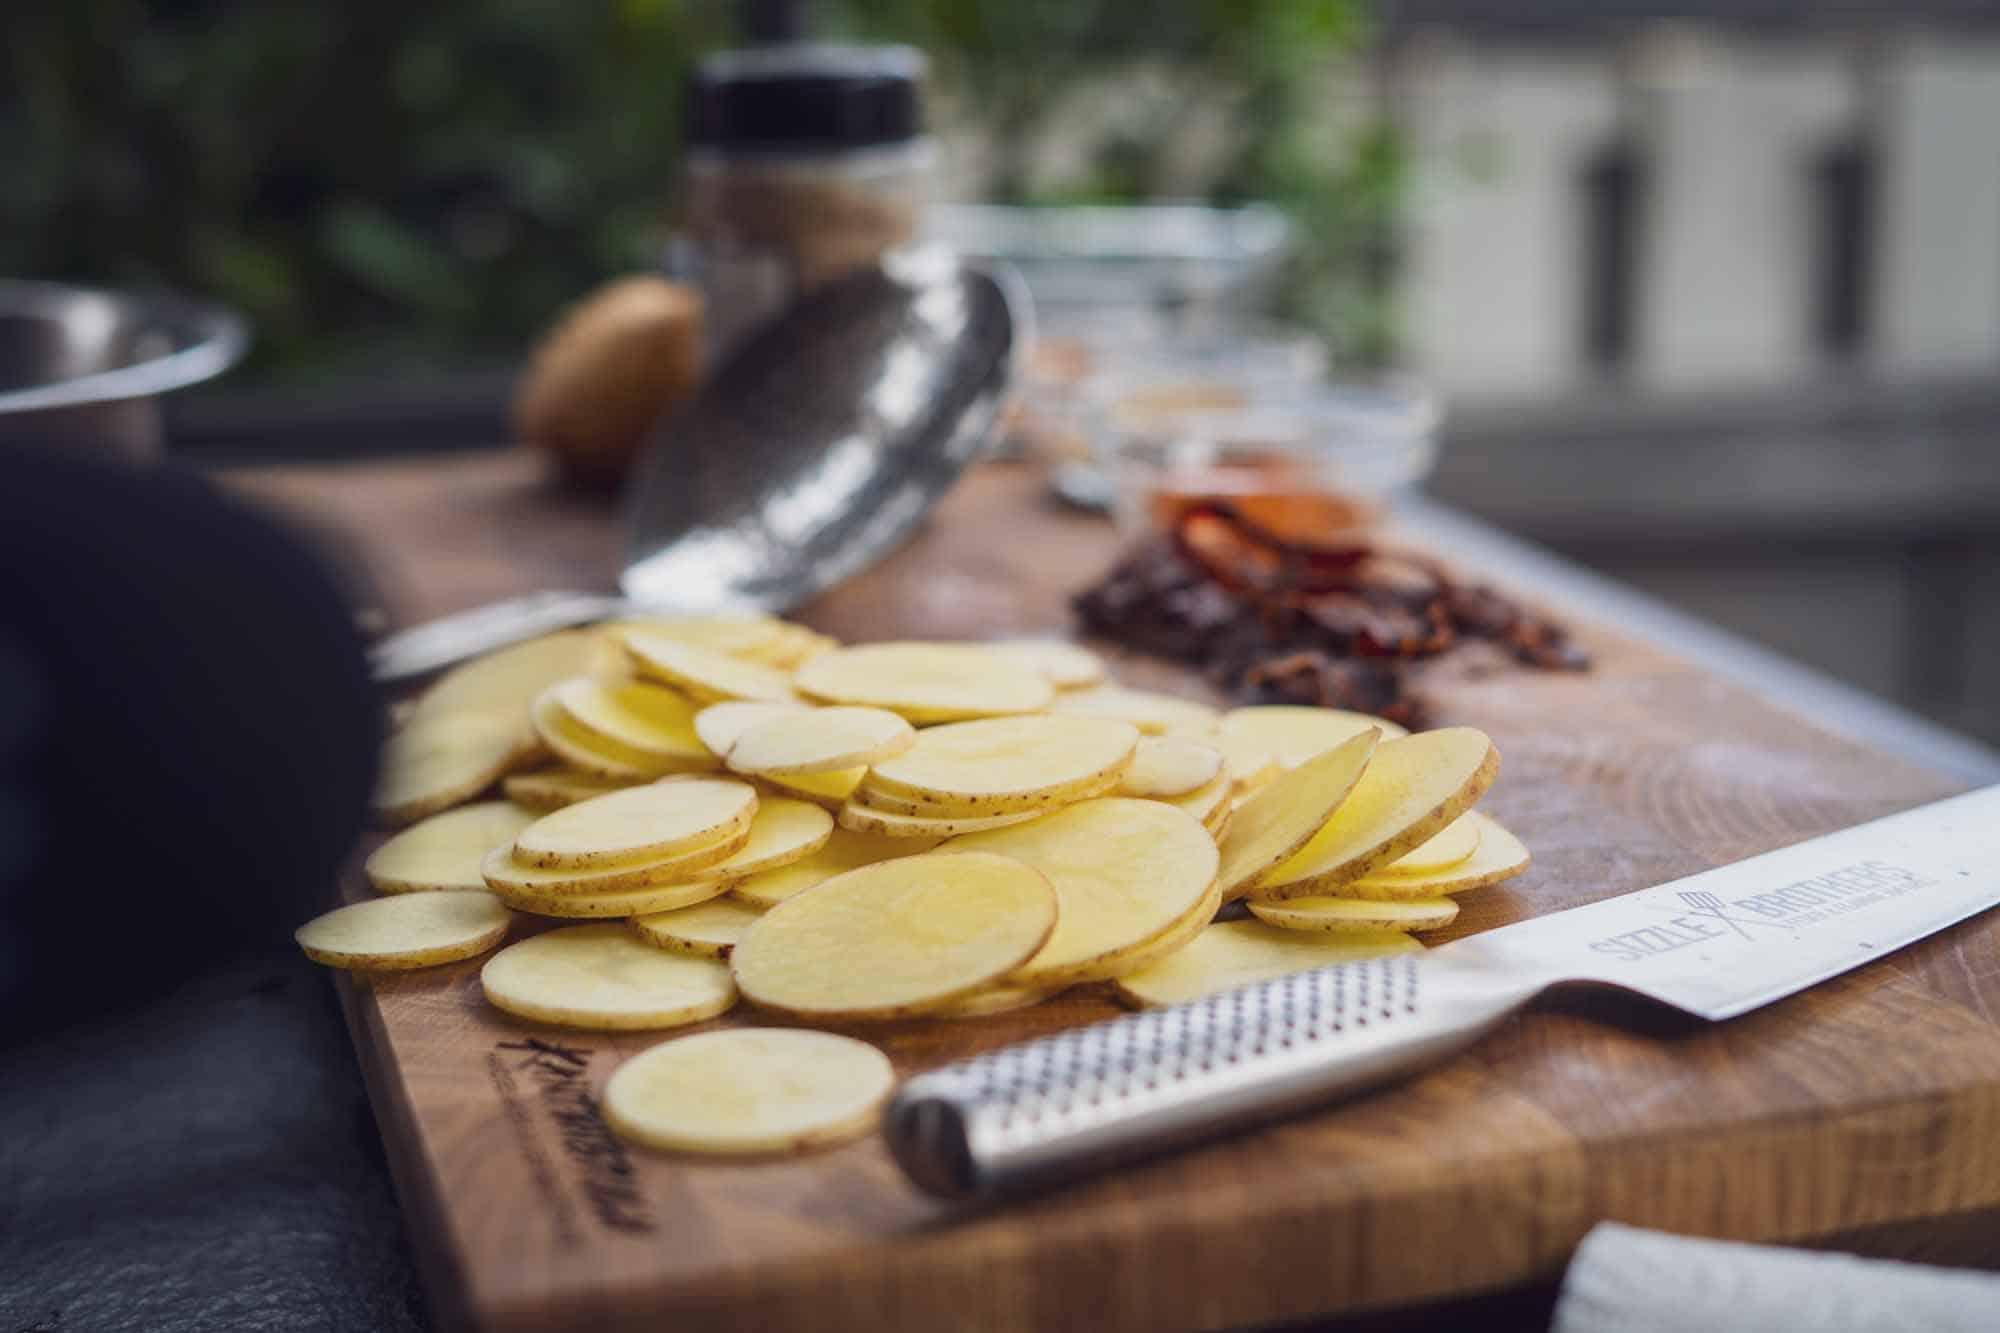 Die Kartoffeln werden in 2 - 3 mm dicke Scheiben geschnitten